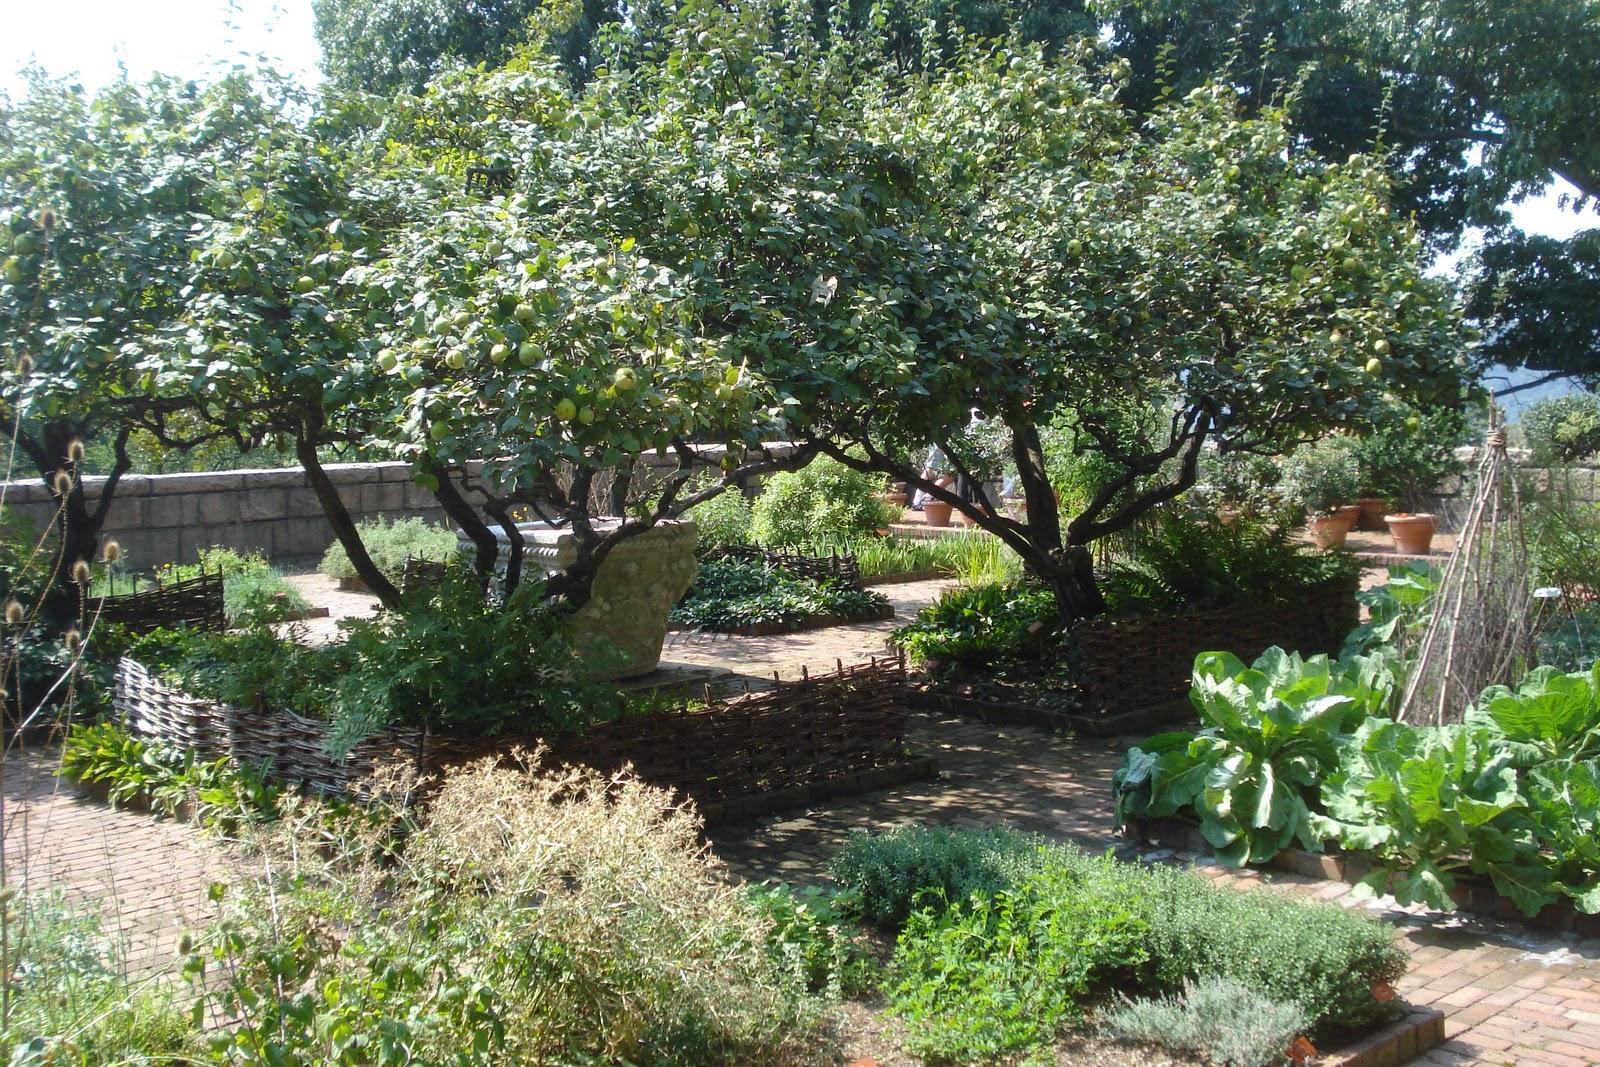 Medicinal Herb Garden Design Photograph The medicinal herb